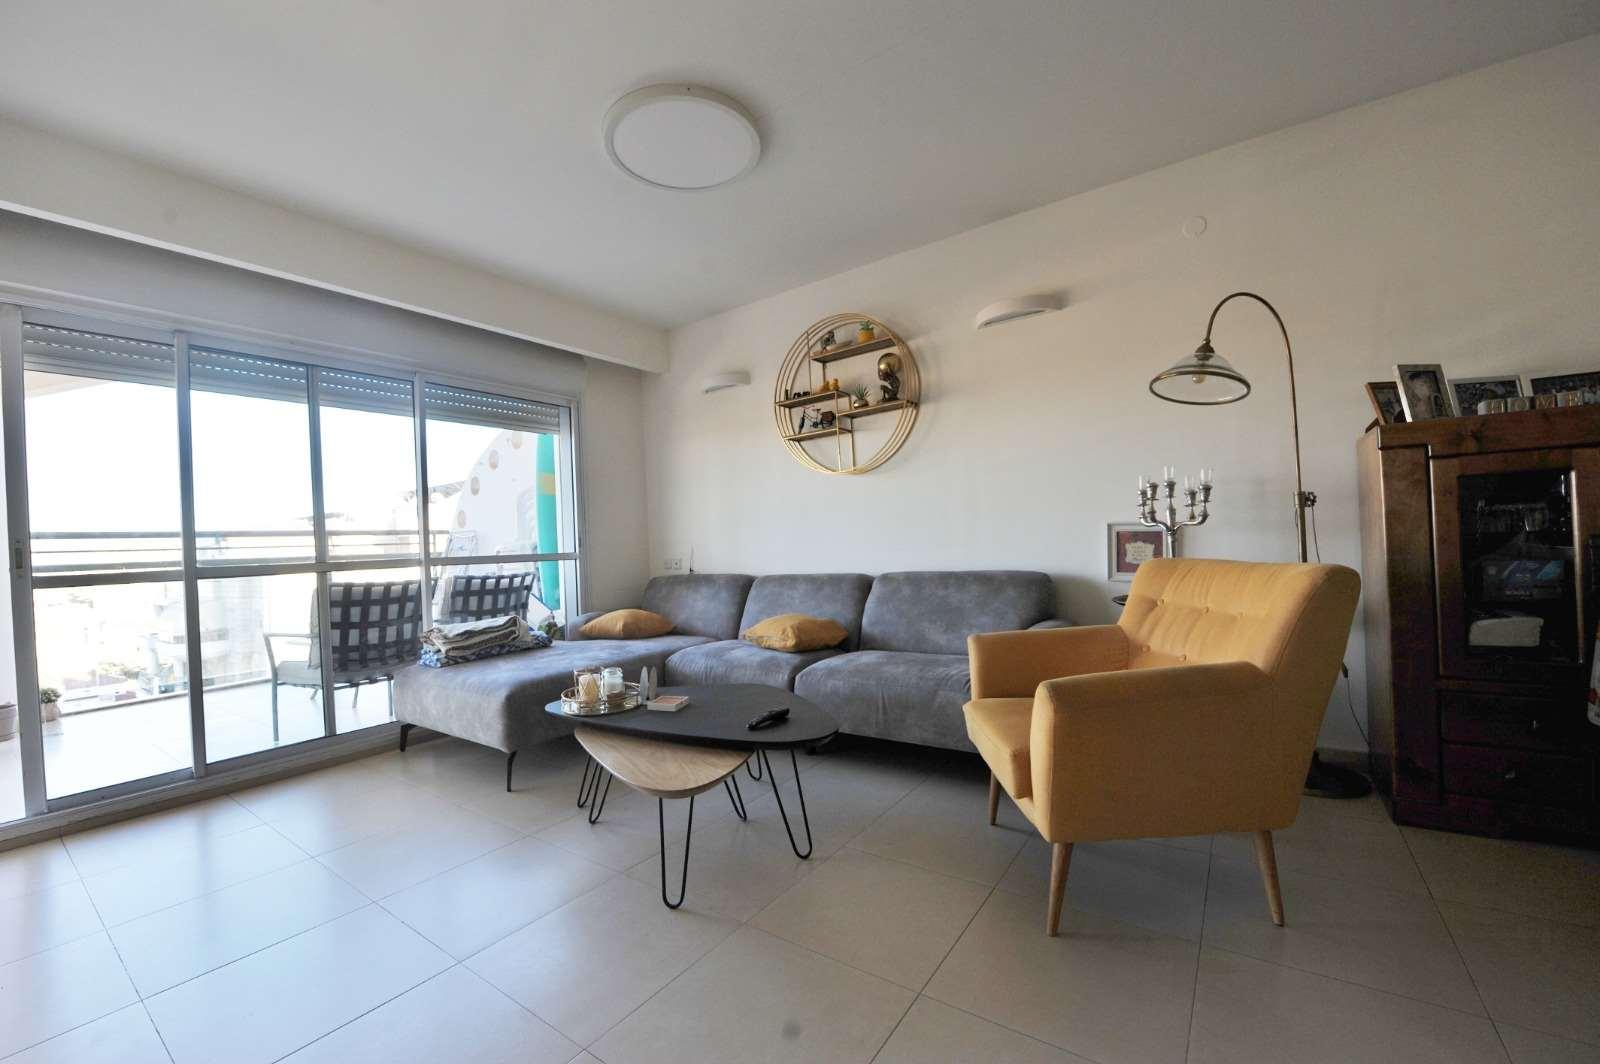 דירה למכירה 4.5 חדרים באור יהודה צאלון